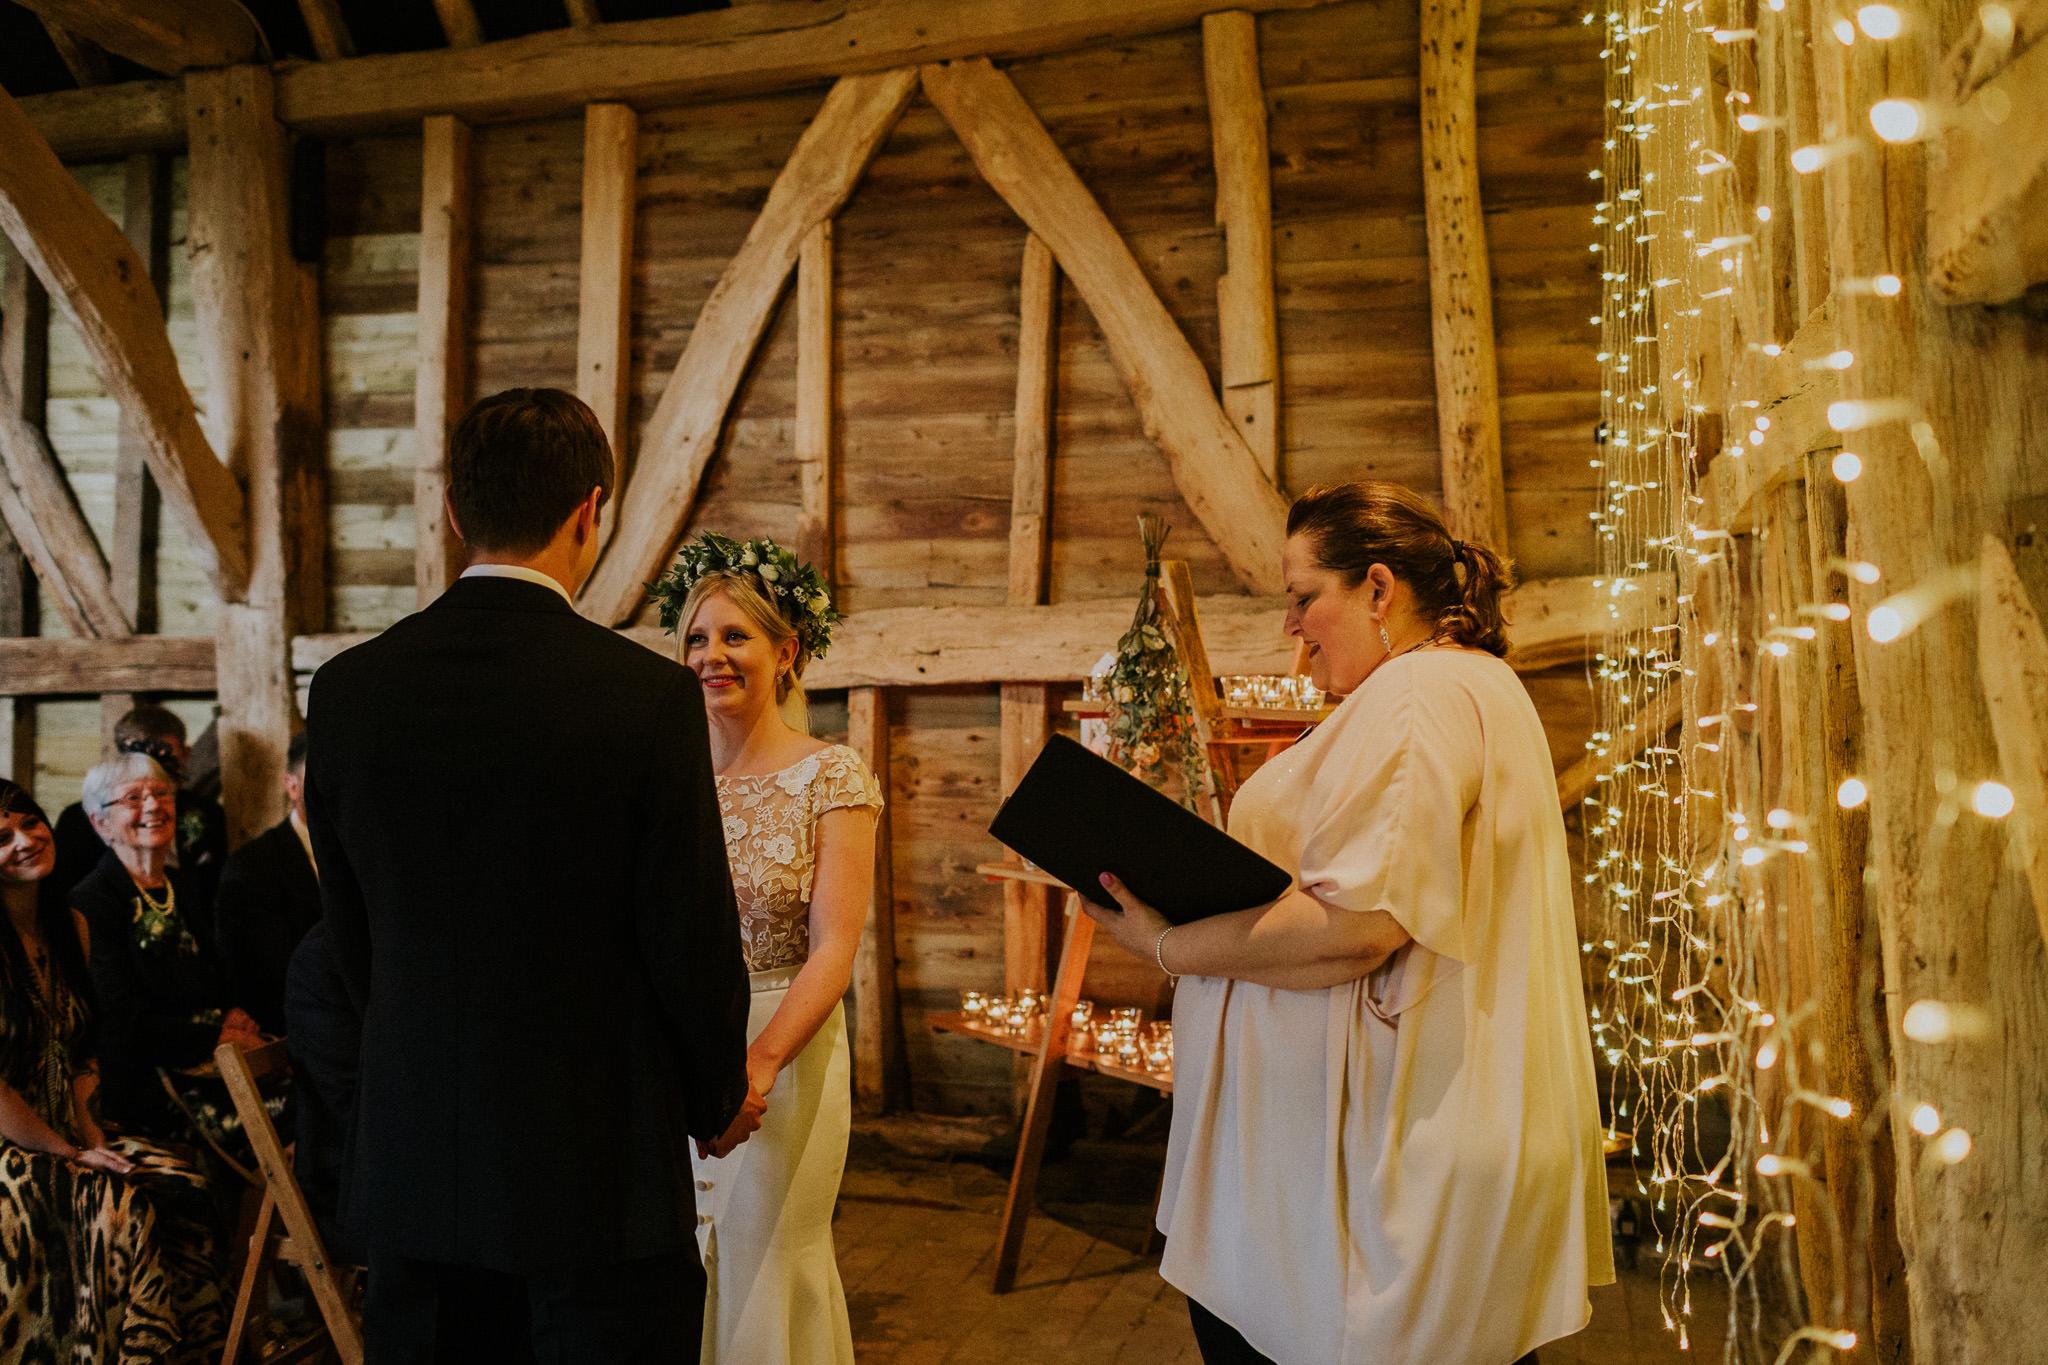 BillinghurstFarmwedding-73.jpg